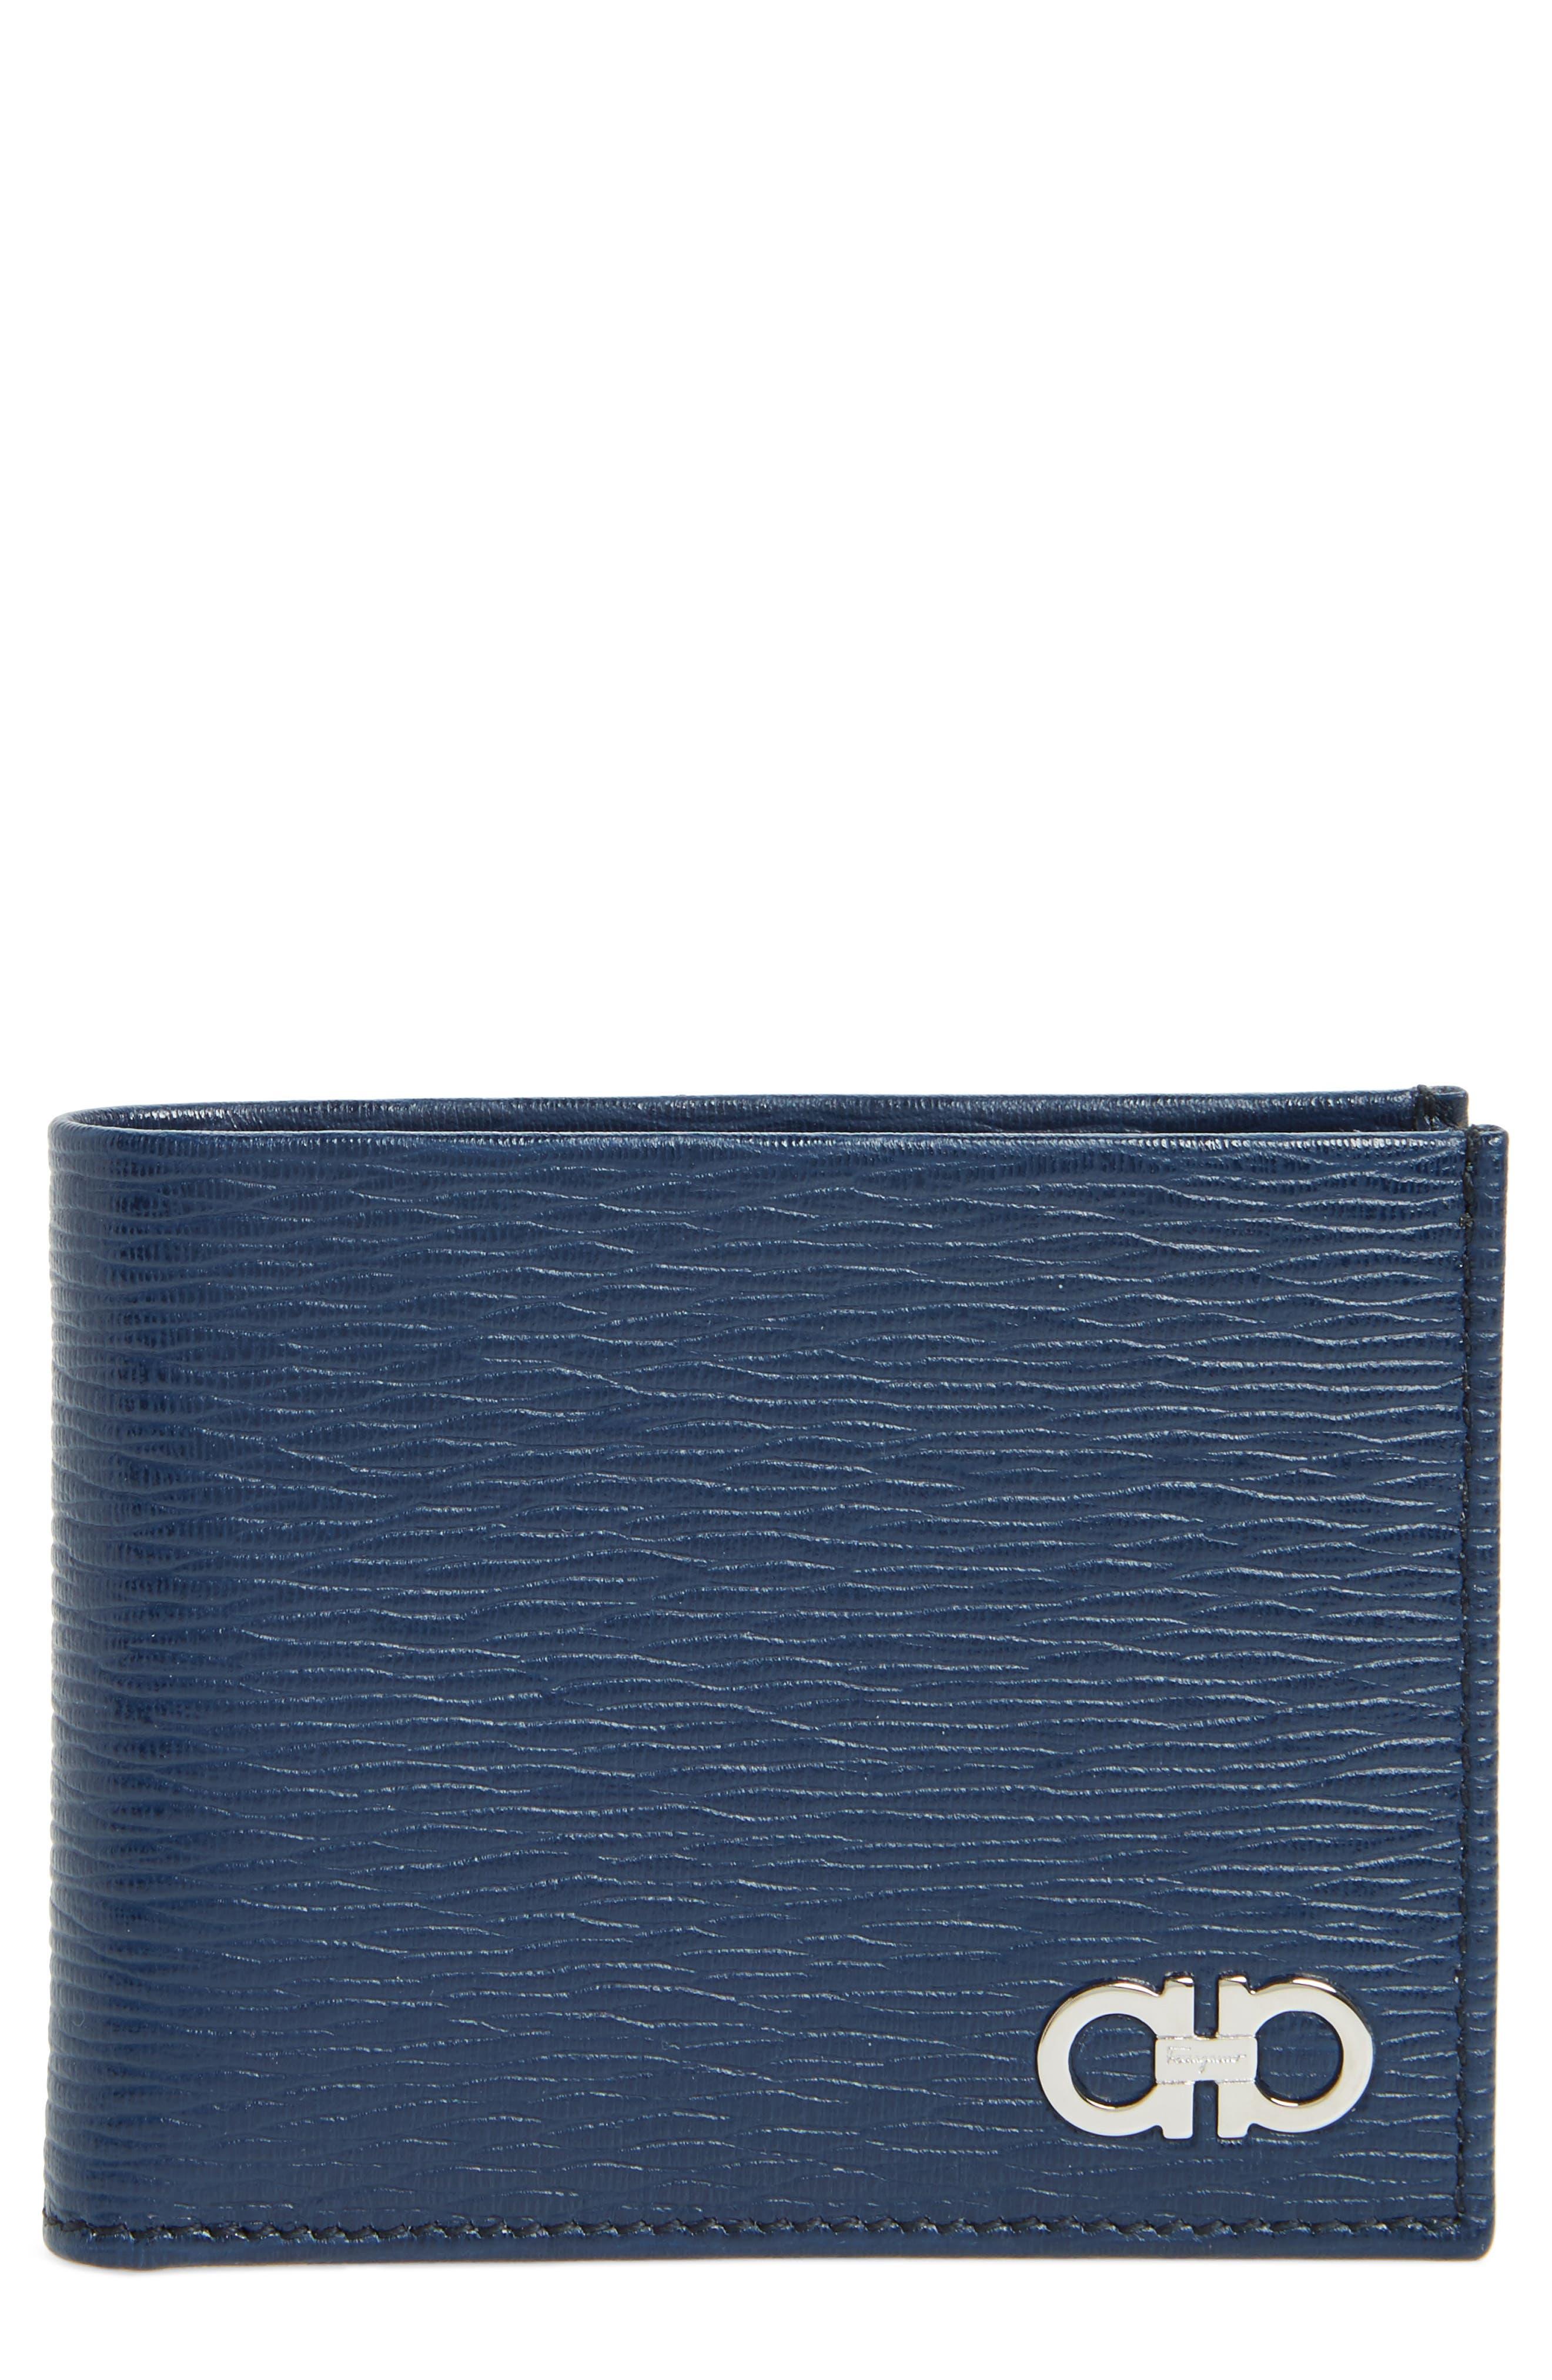 SALVATORE FERRAGAMO, Revival Bifold Leather Wallet, Main thumbnail 1, color, BLUE